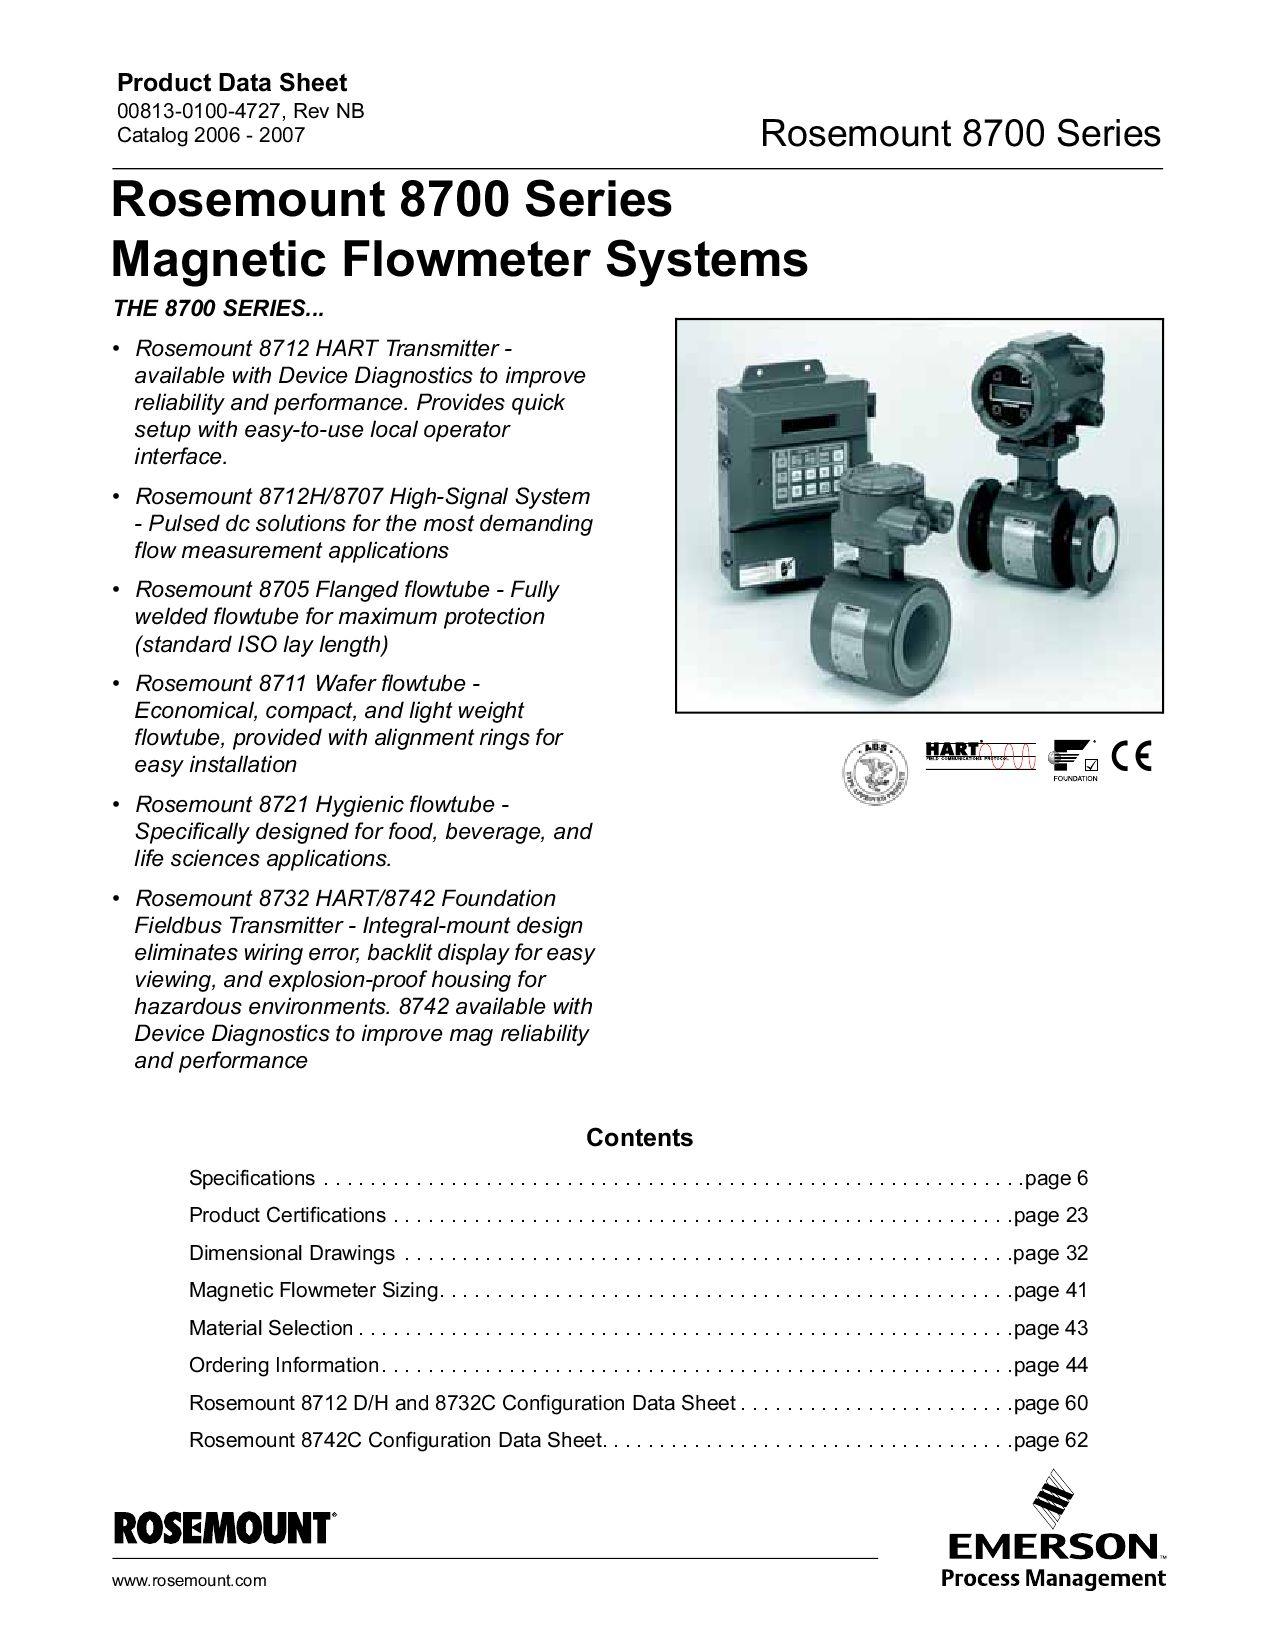 rosemount 8705 magnetic flow meter manual